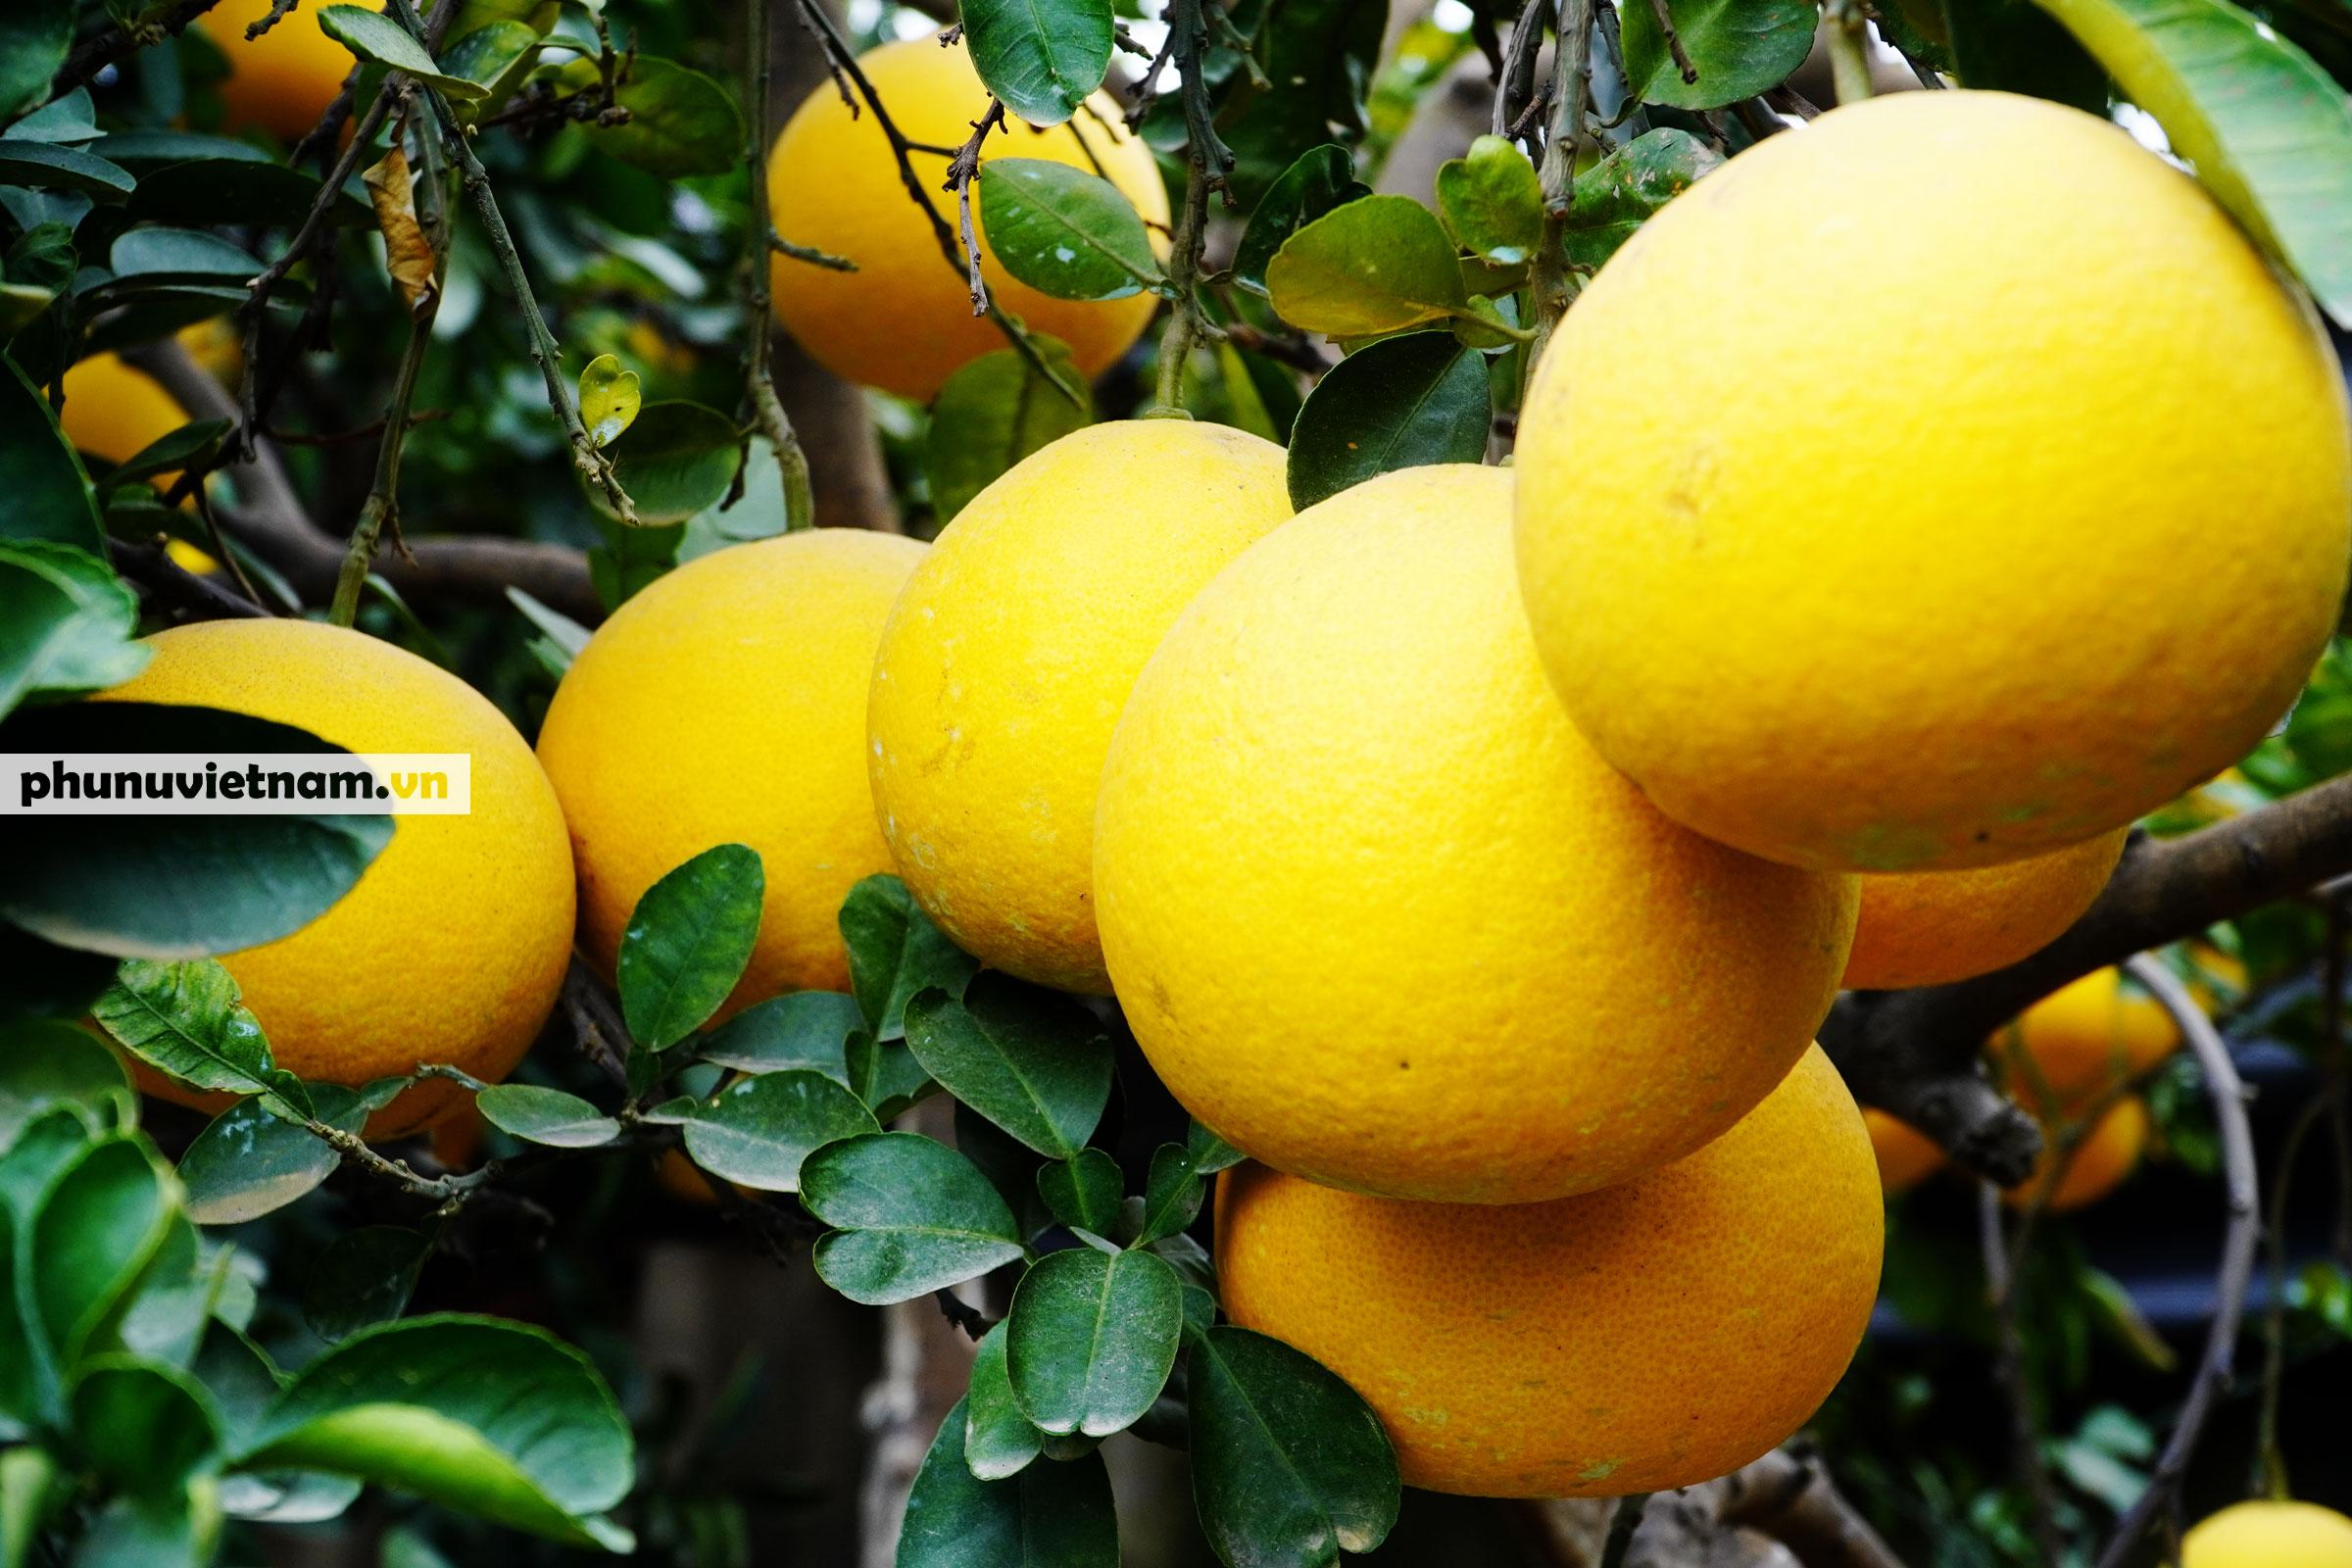 Vườn bưởi Diễn tuổi 30, chi chít cả trăm quả chào Xuân Tân Sửu - Ảnh 9.